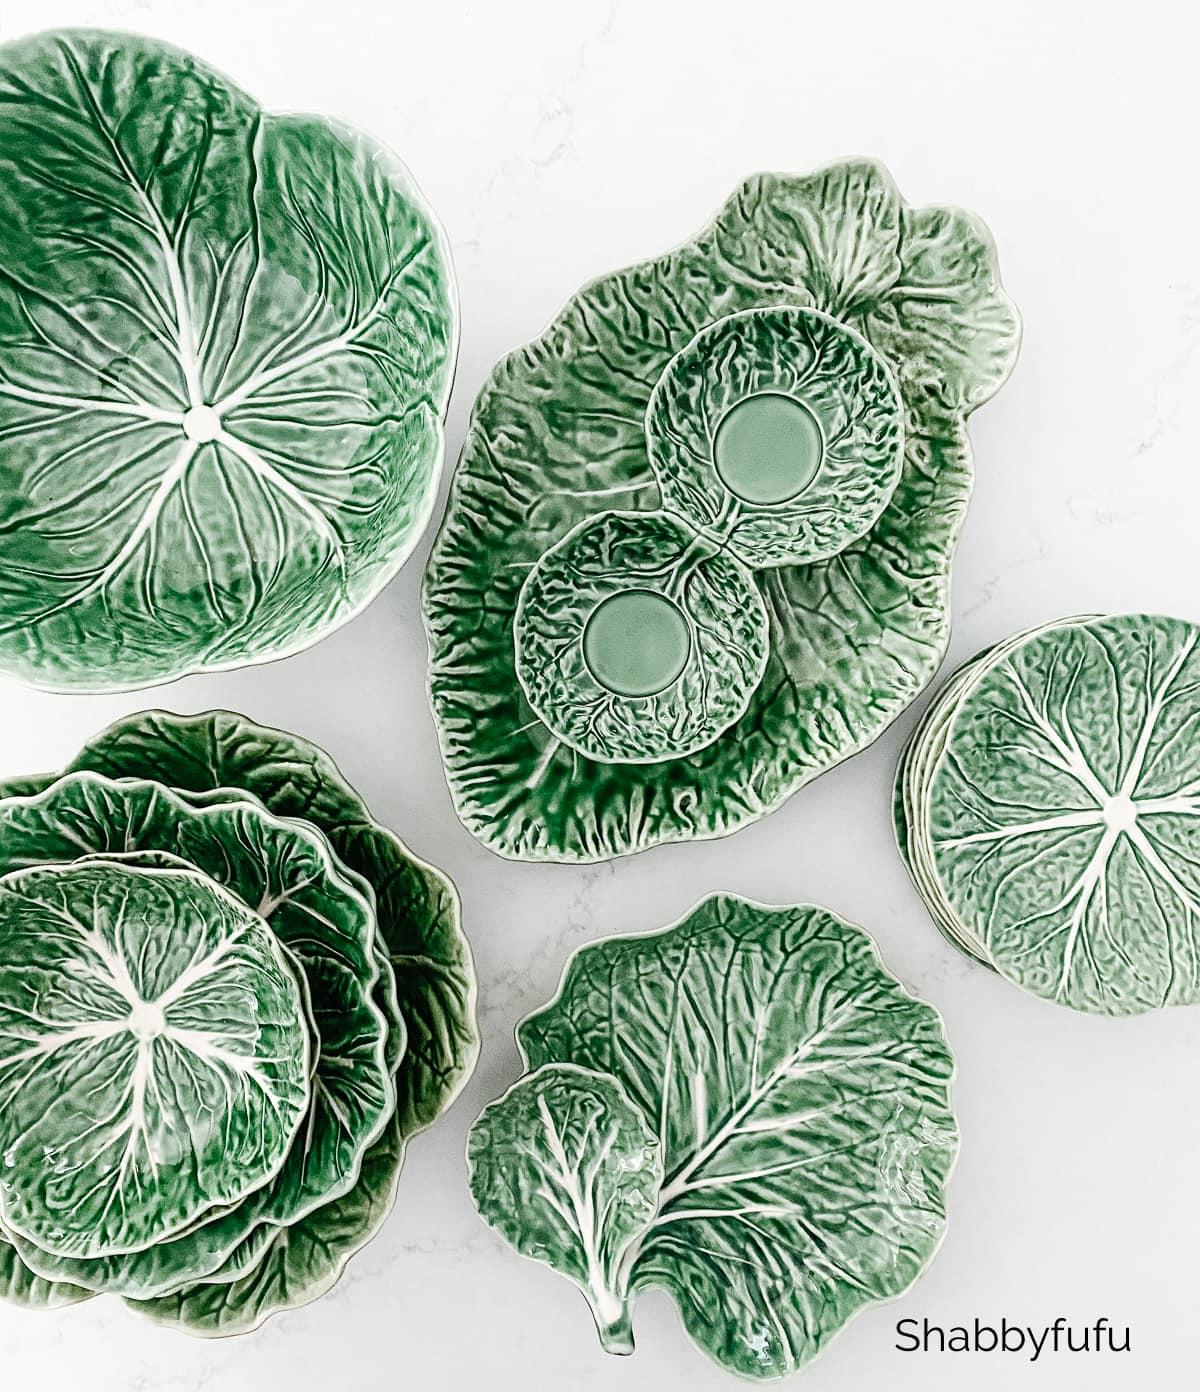 Bordallo Pinheiro green cabbage found on Facebook Marketplace